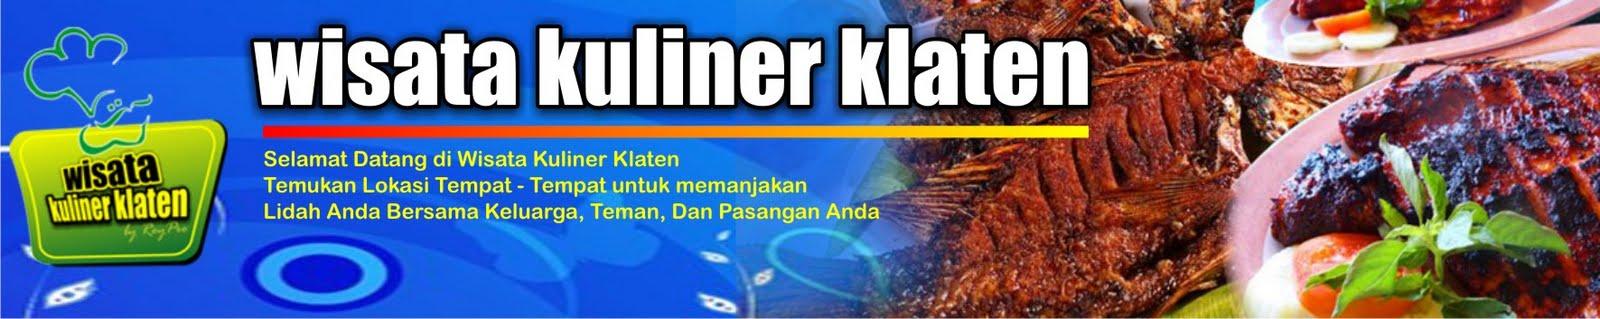 Wisata Kuliner Klaten